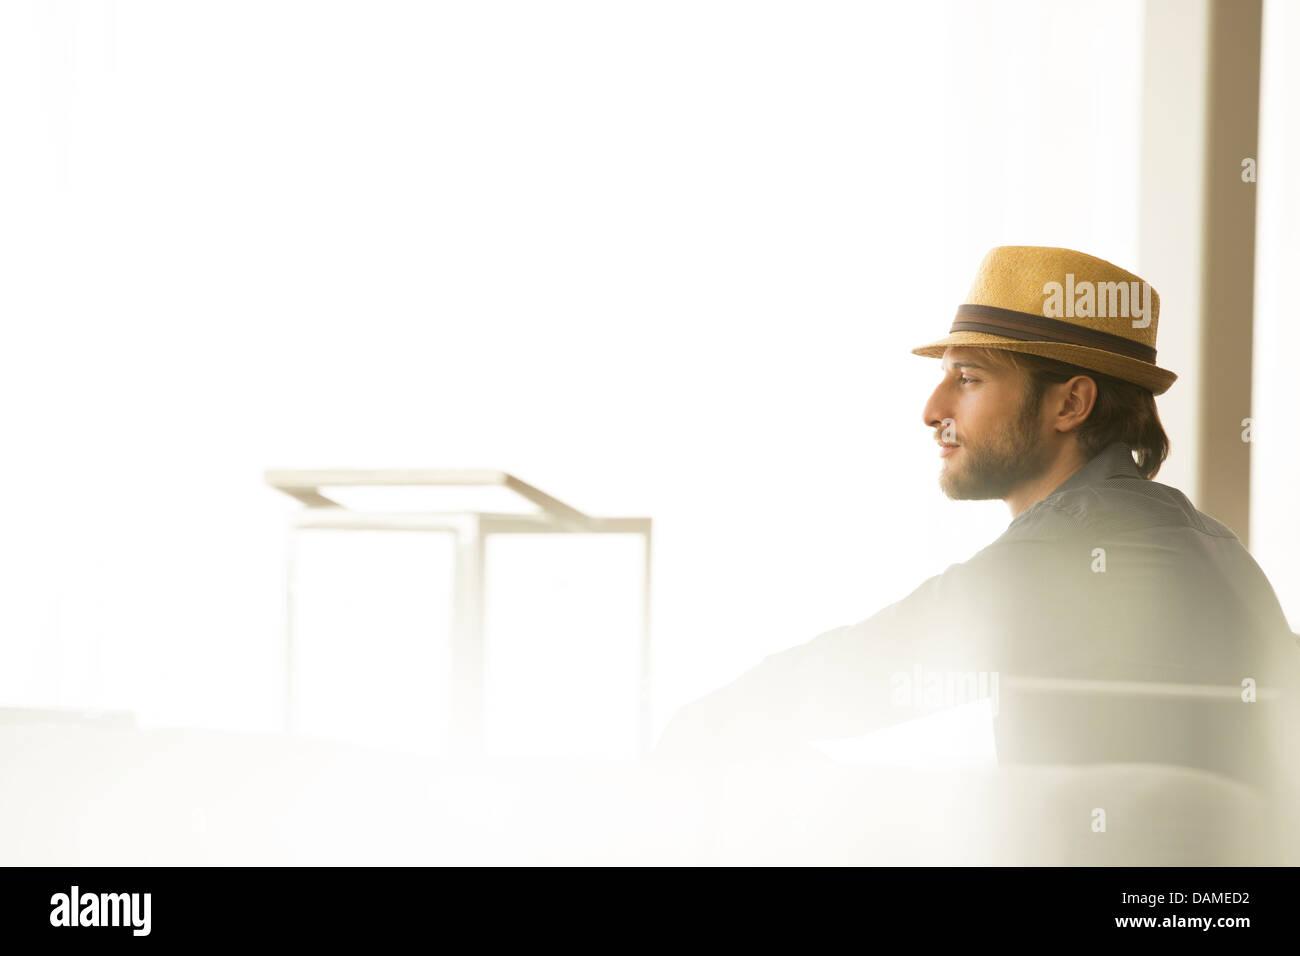 L'homme à chapeau de paille looking out window Photo Stock